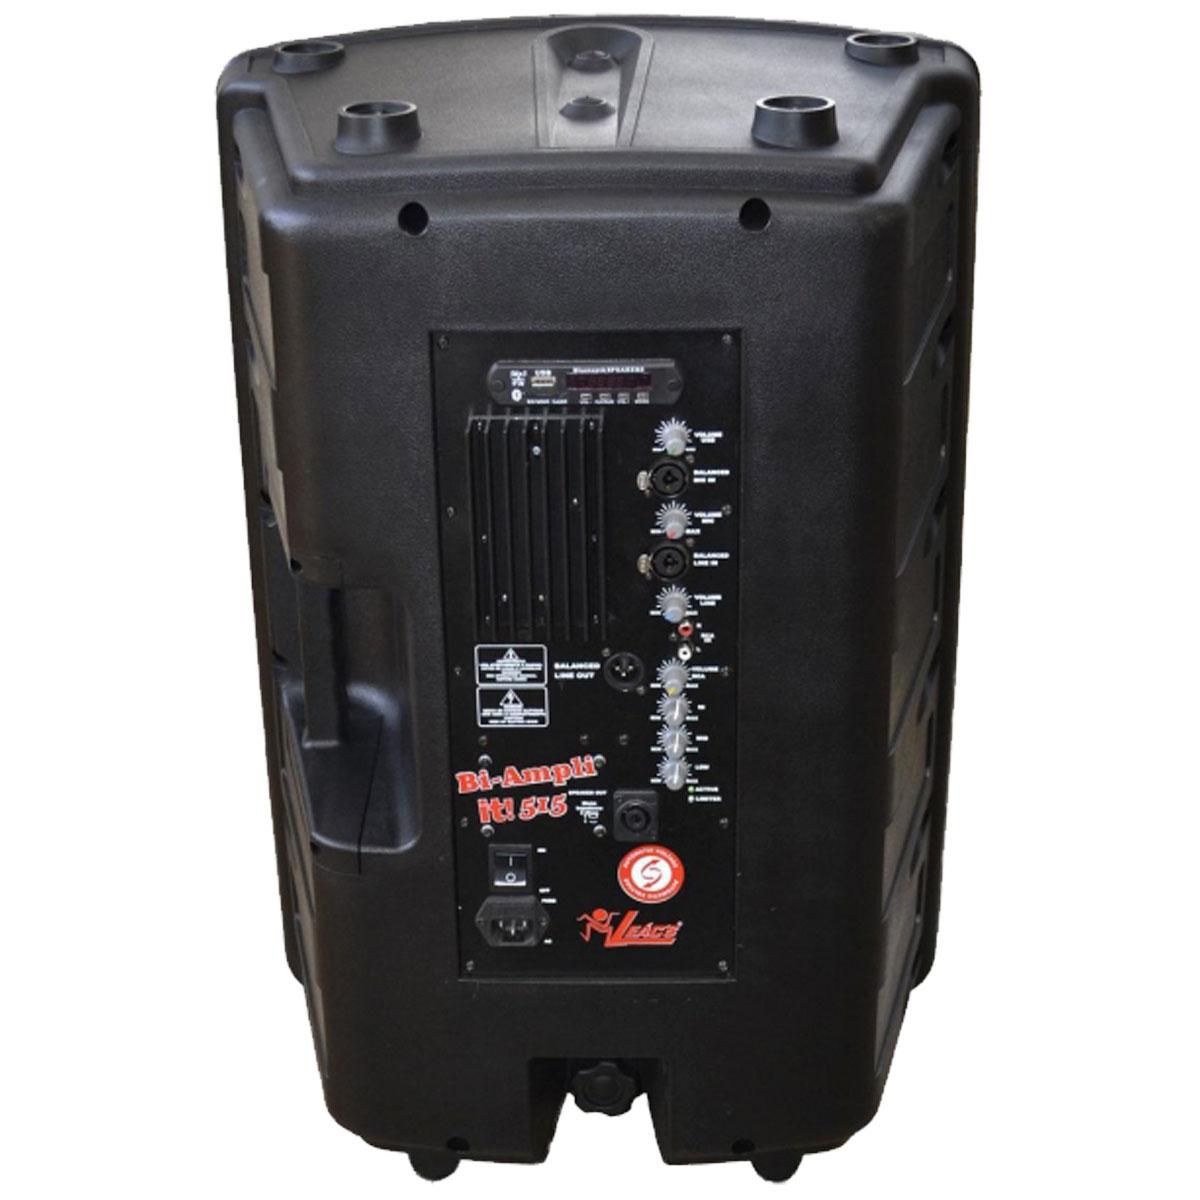 Caixa Ativa Fal 15 Pol 500W c/ USB / Bluetooth - IT 515 USB BT Leacs